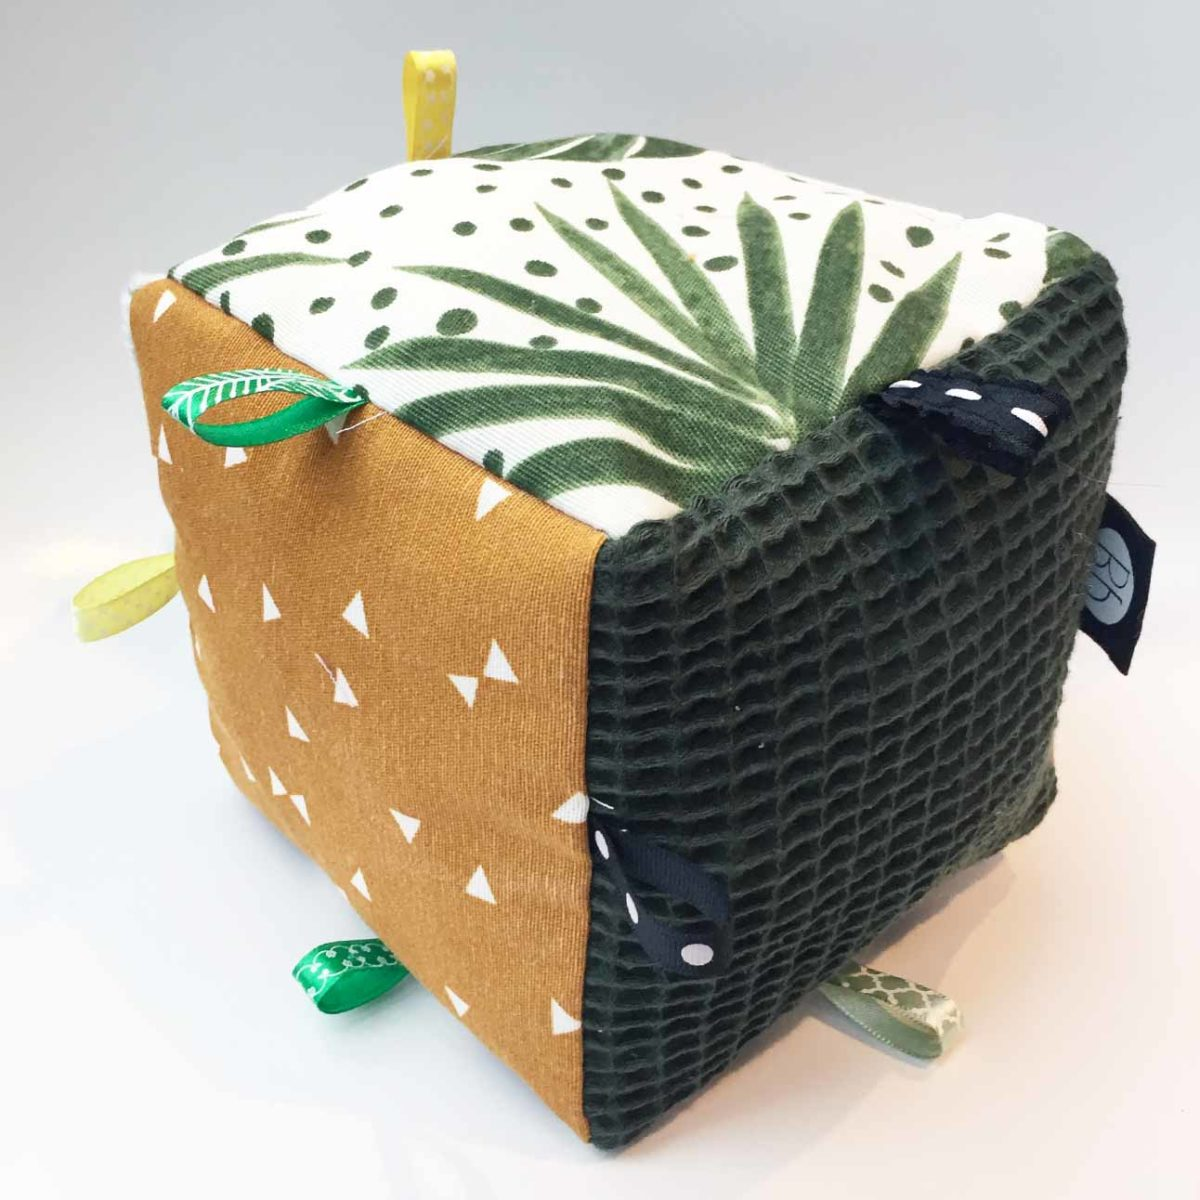 speelkubus van stof in botanic oker print